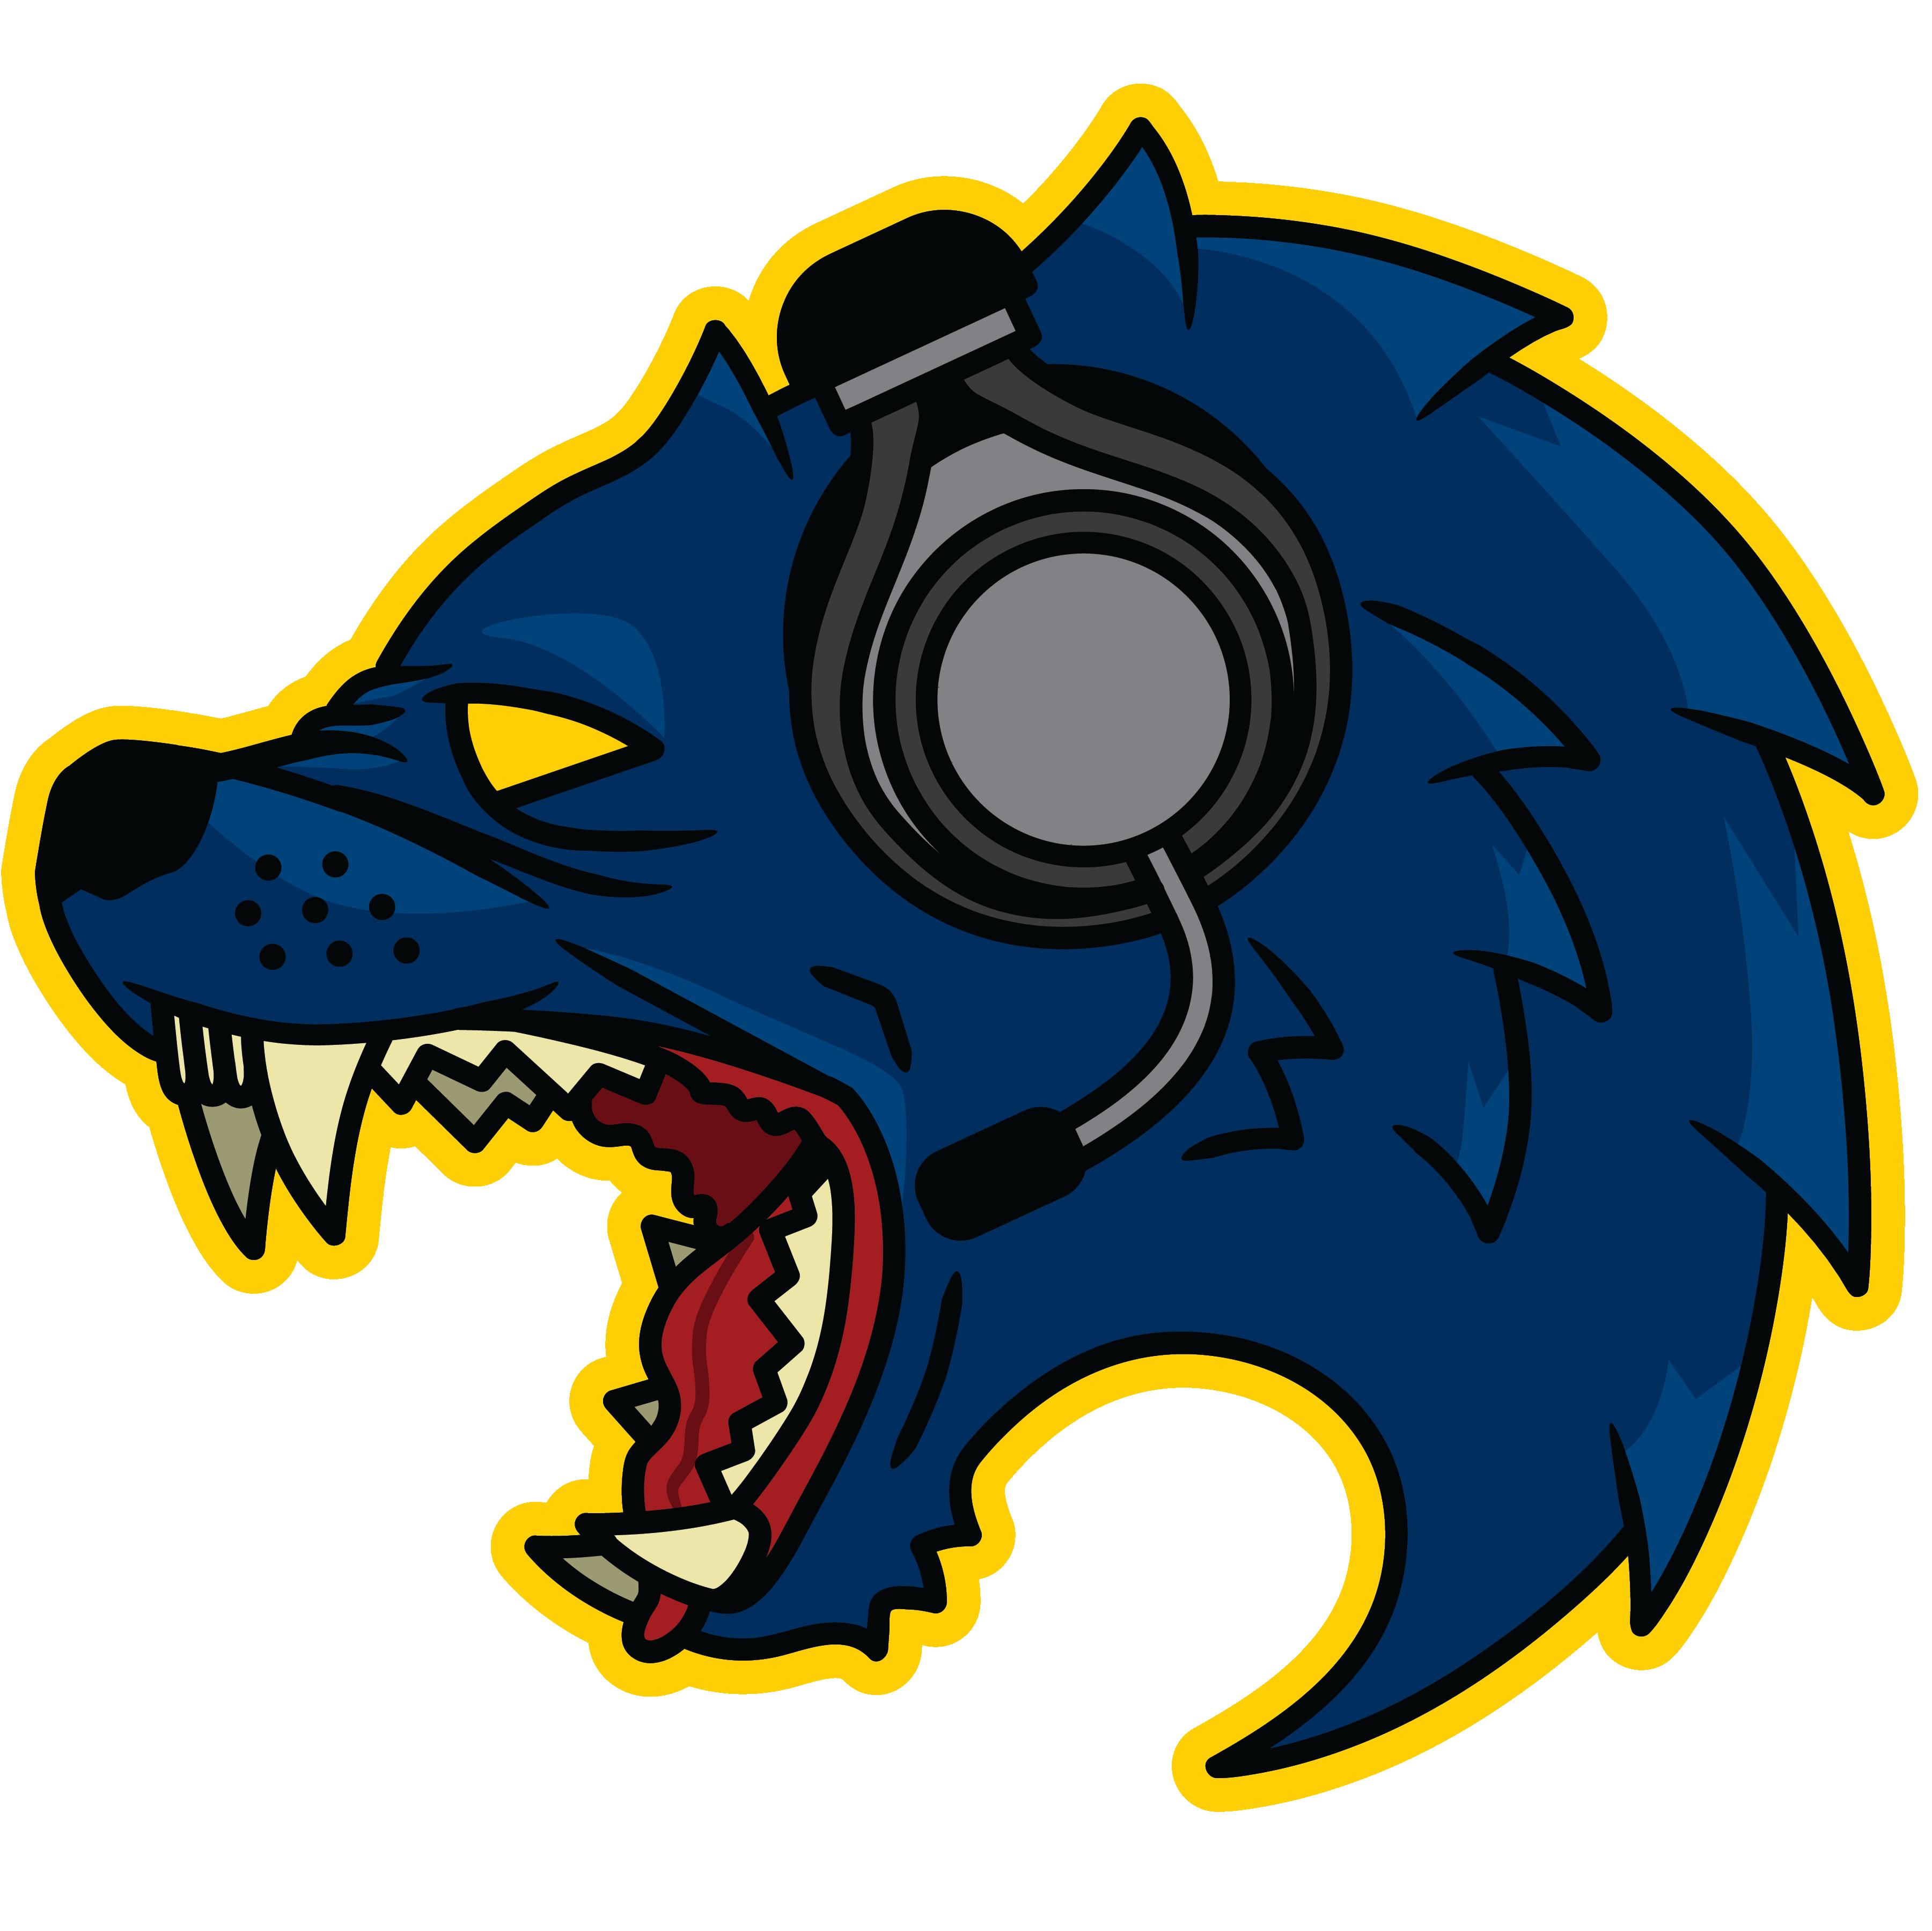 UM-Flint Esports's logo